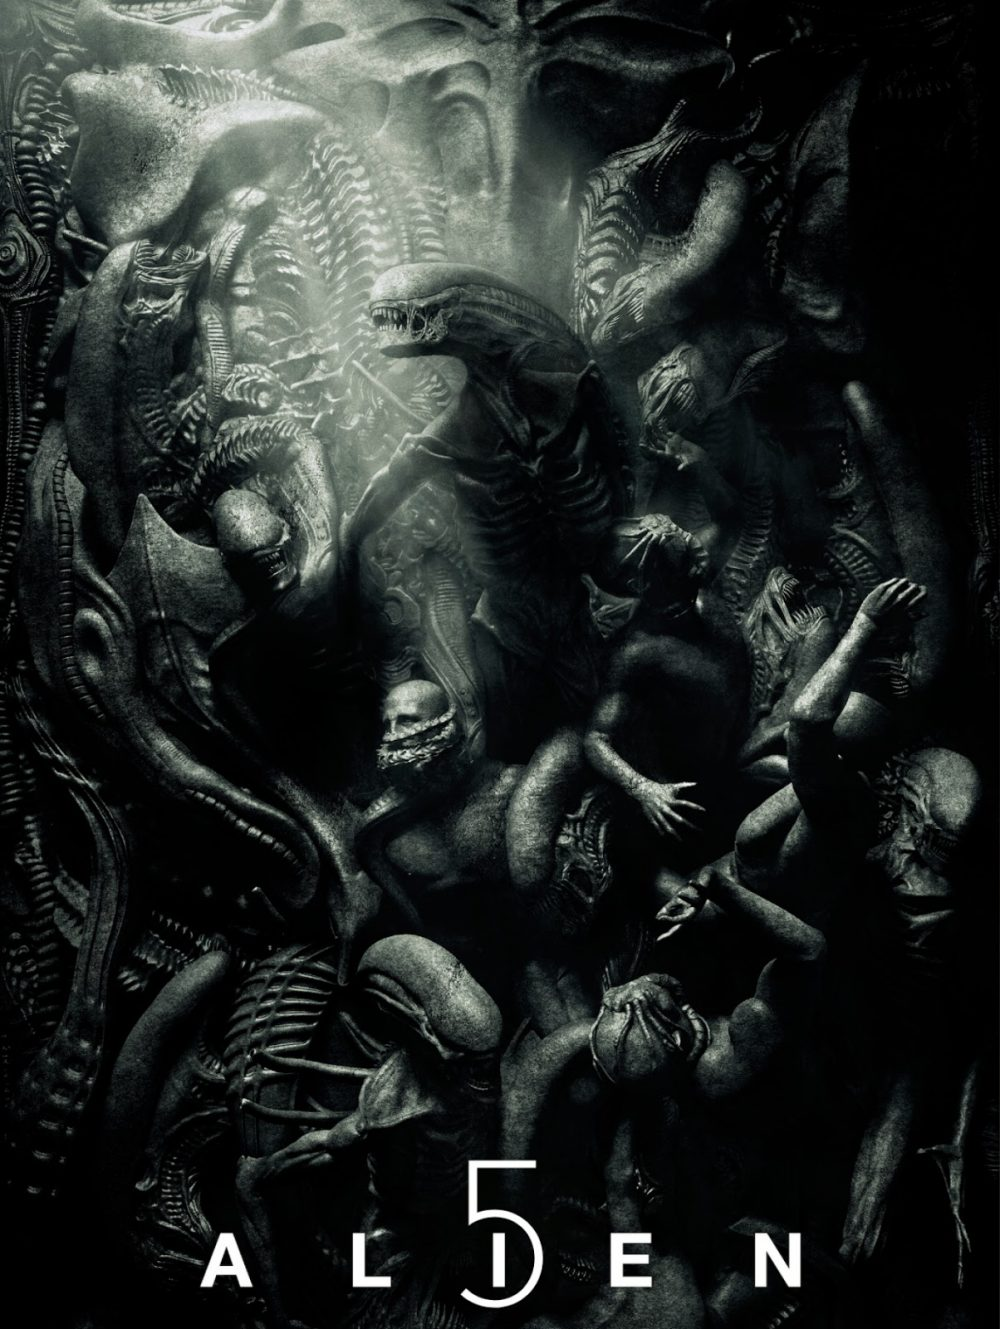 Ridley Scott confirma nueva película de Alien